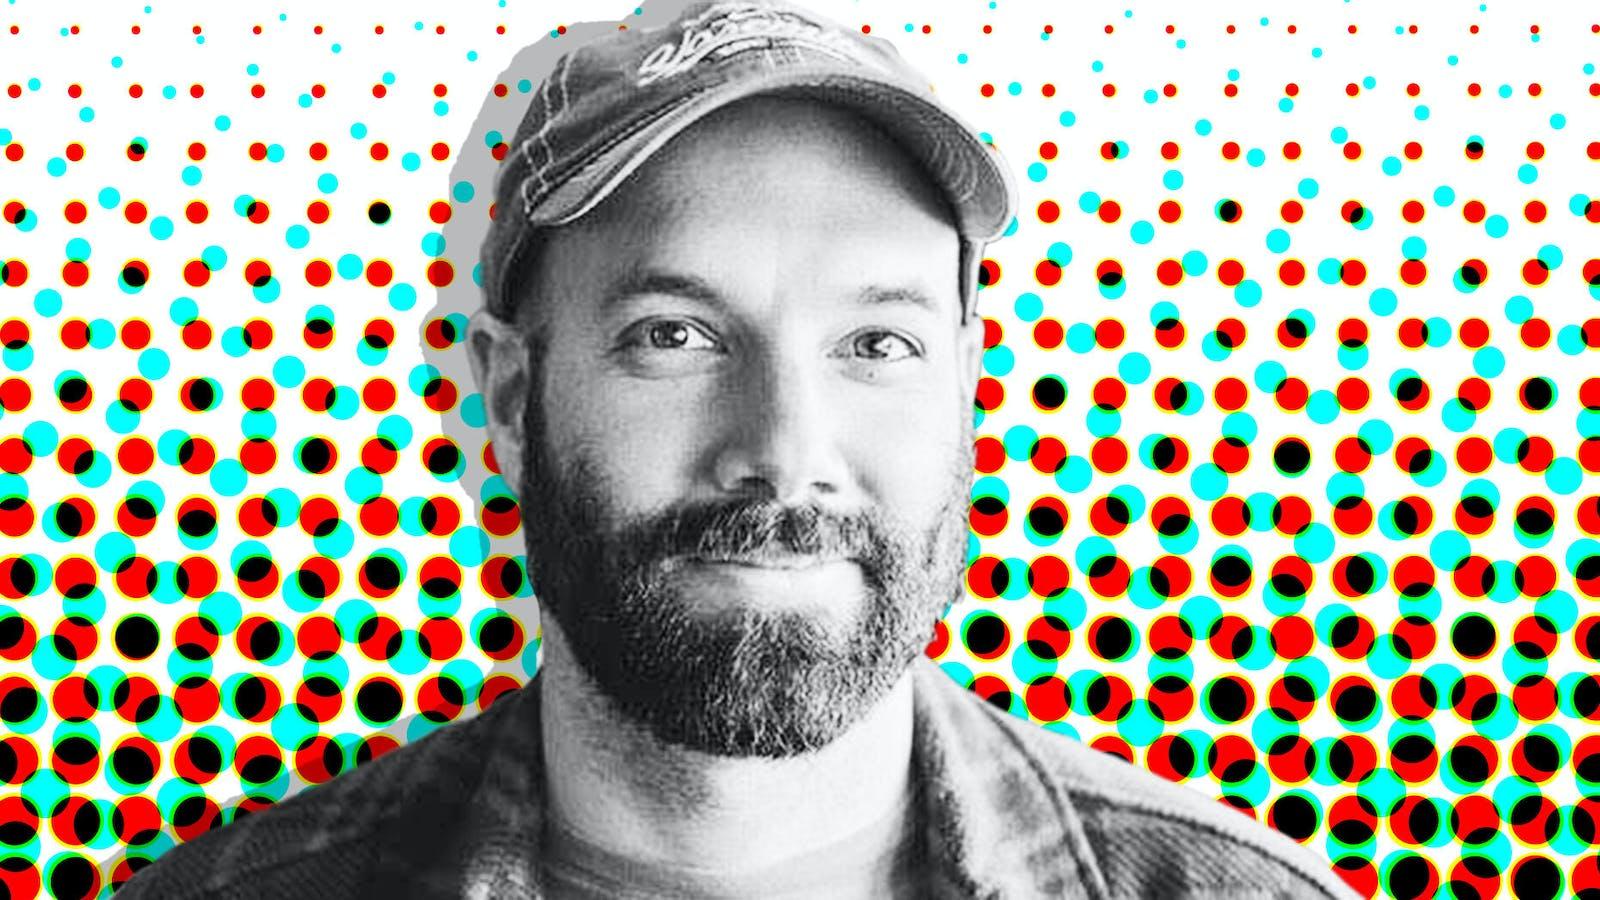 Patreon CEO Jack Conte. Photo credit: Patreon